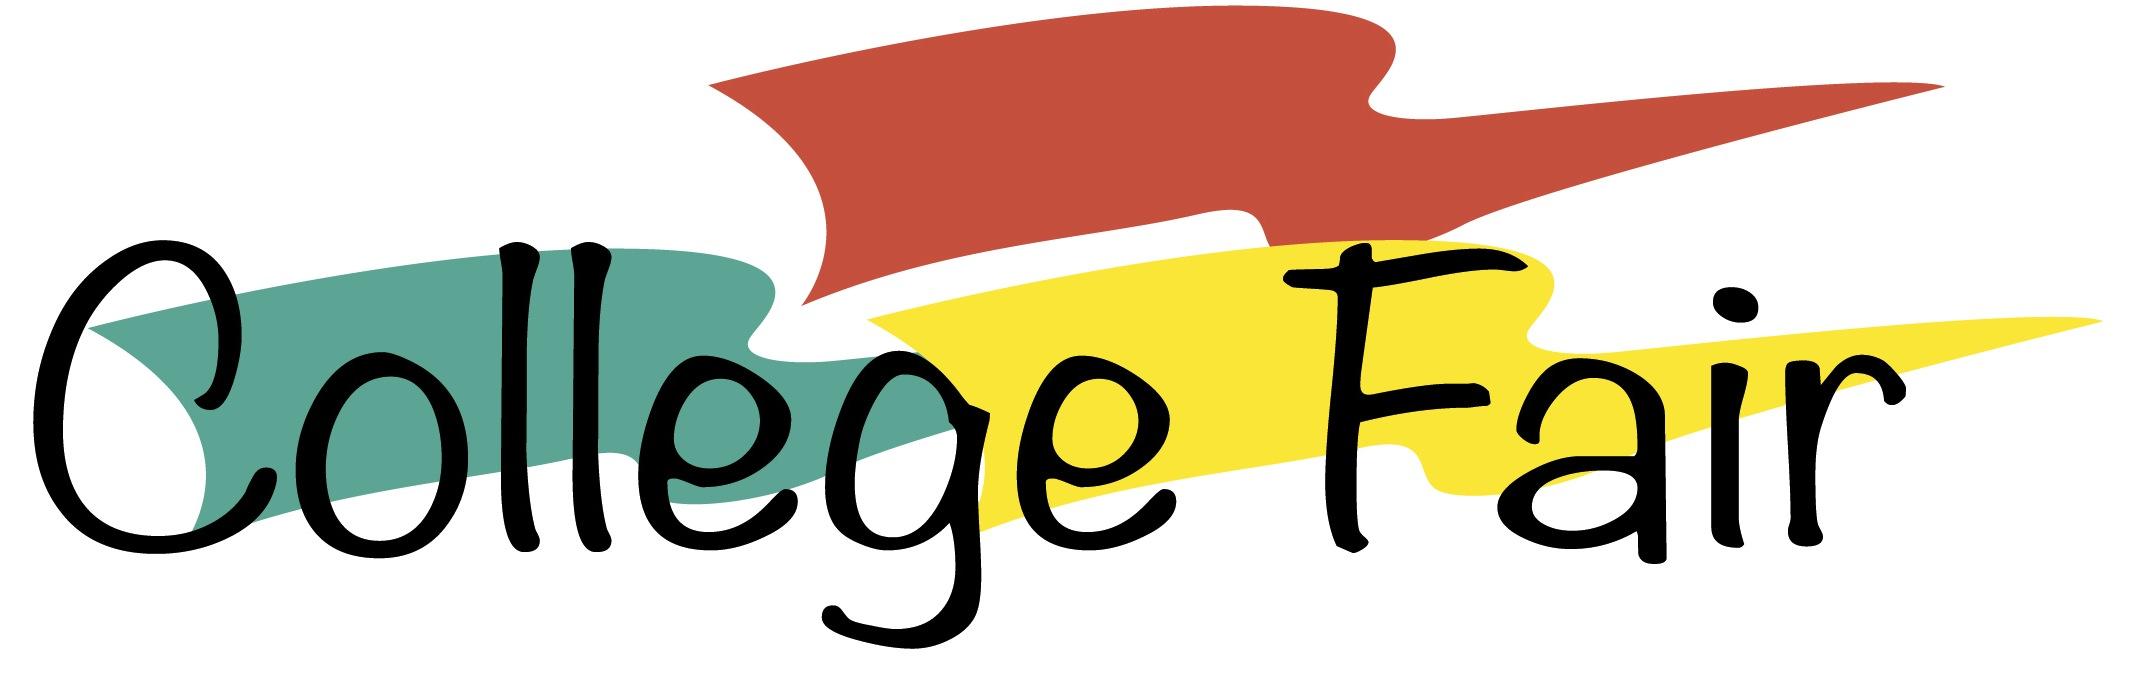 college fair'